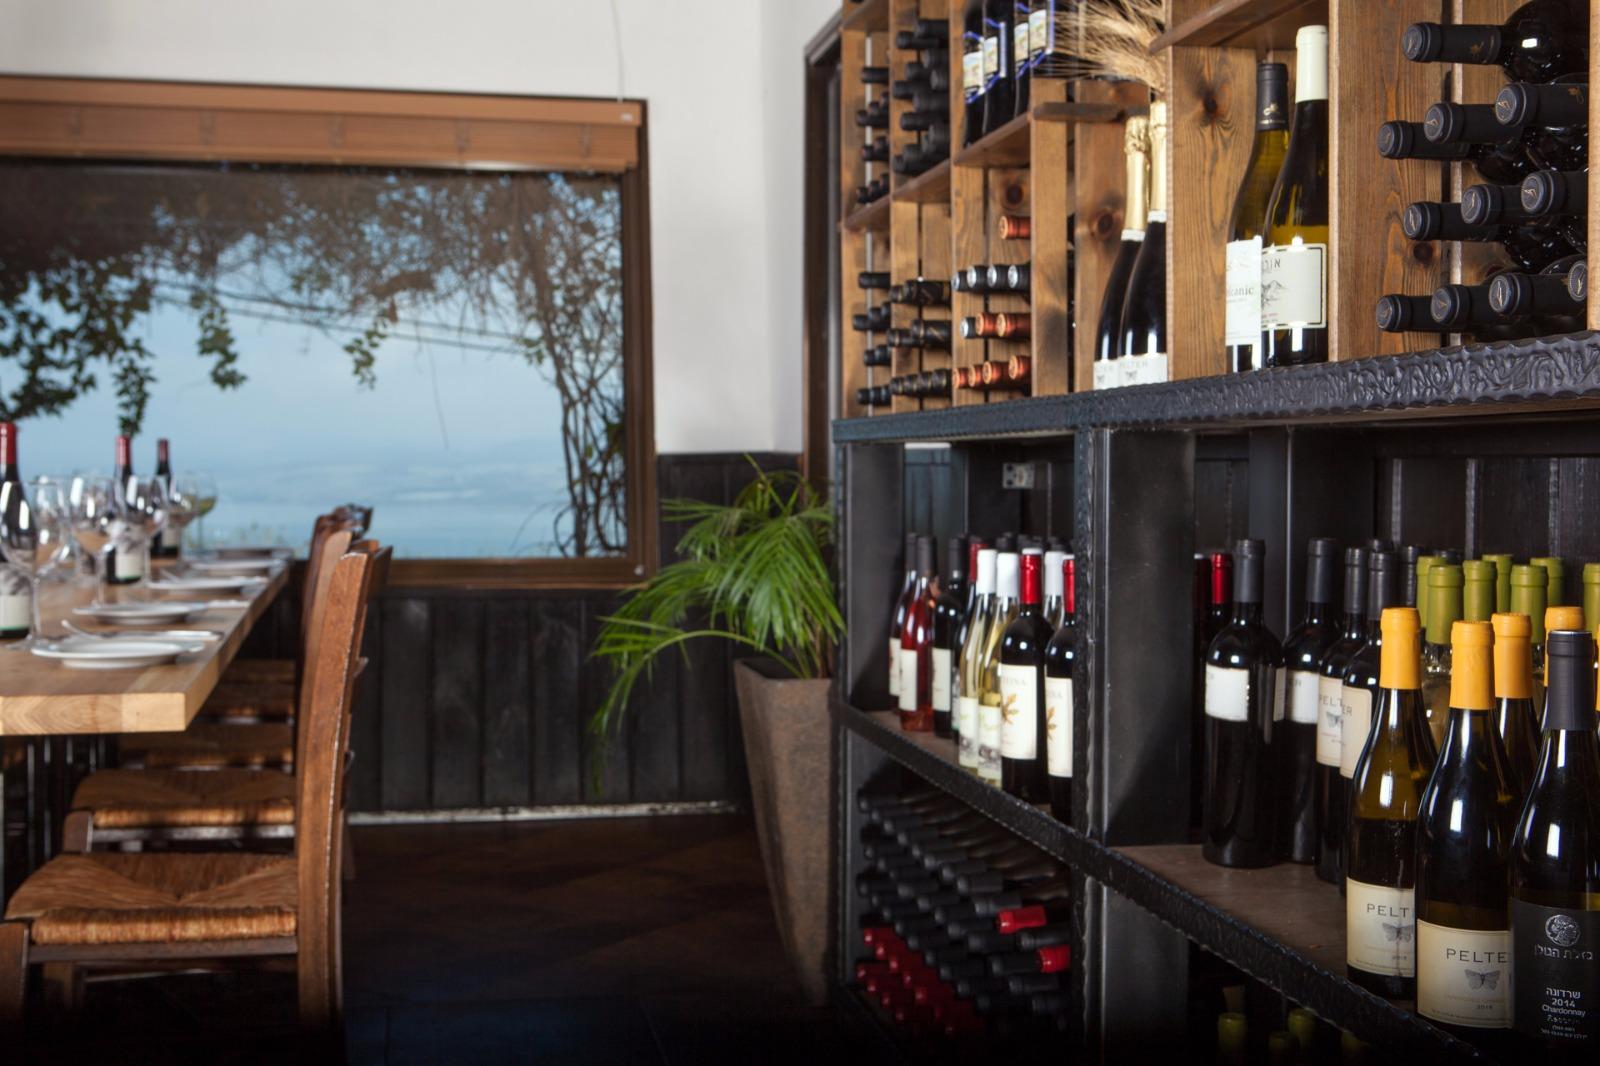 היין מעולה, הנוף מדהים - מסעדת מושבוצ